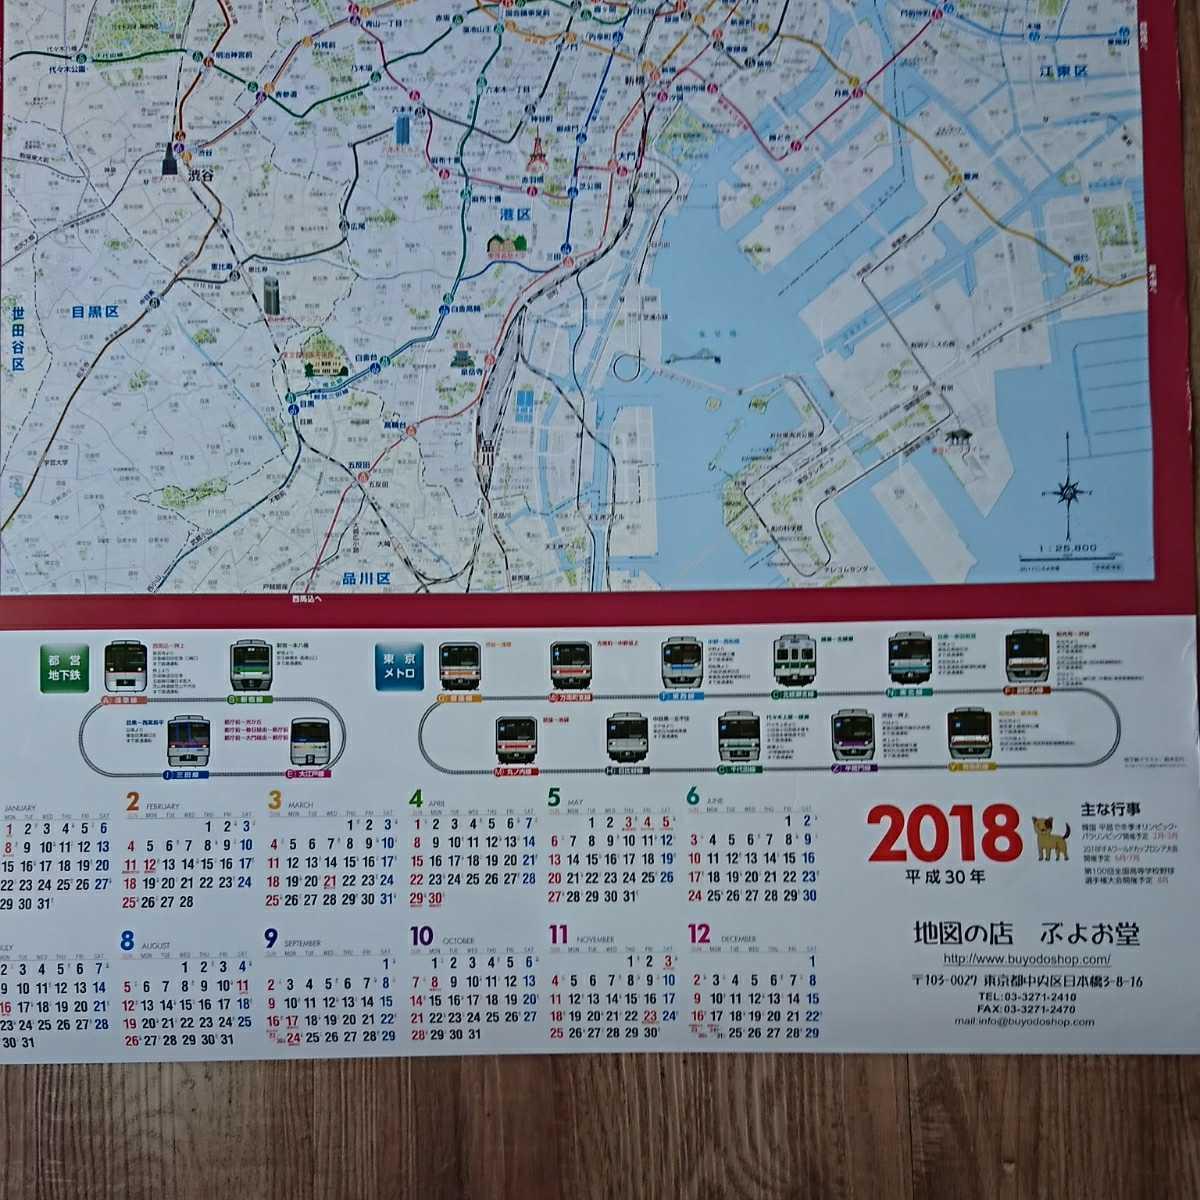 ぶよお堂 ポスタータイプカレンダー 東京地下鉄ネットワーク 2018年 ポスター カレンダー_画像3